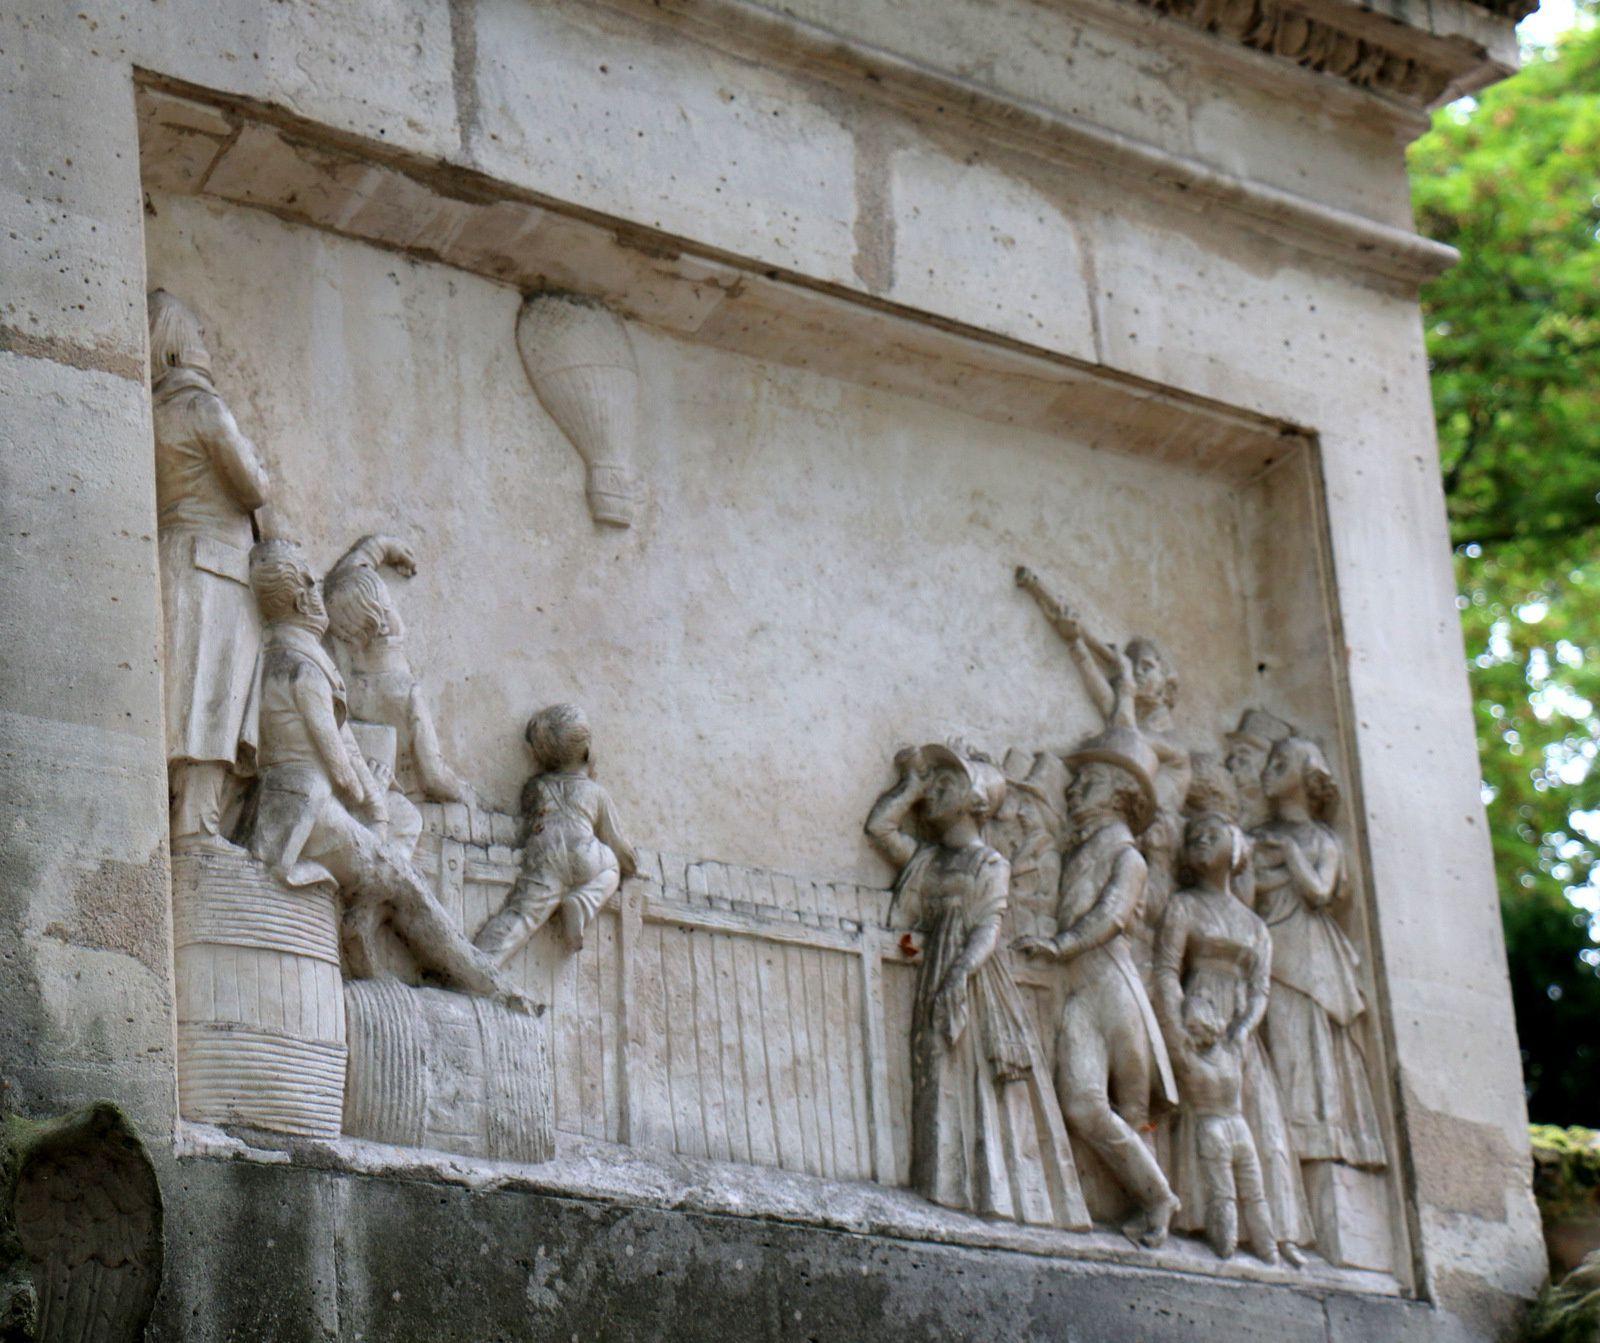 Sépulture d'Etienne-Gaspard Robertson, cimetière du Père Lachaise